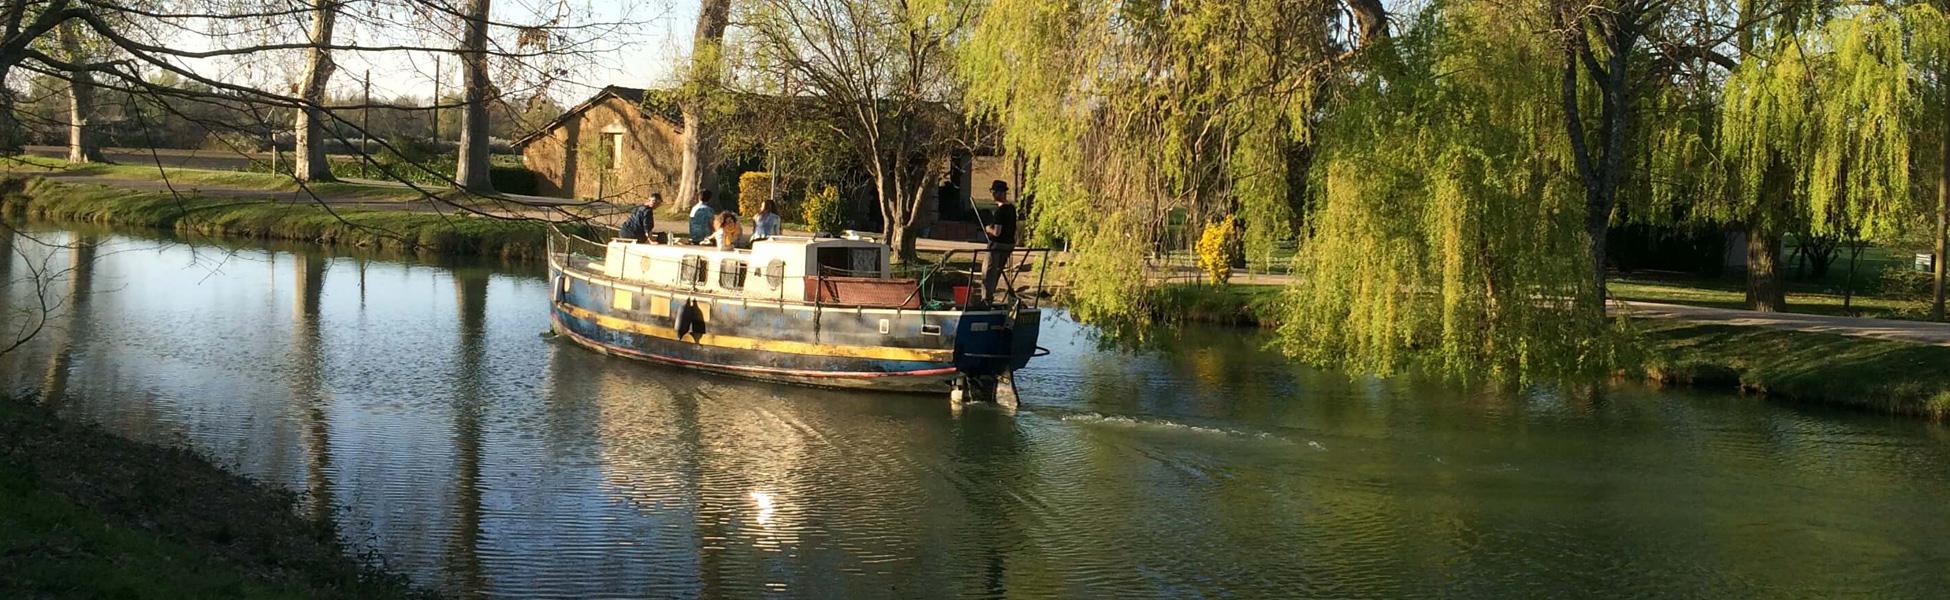 Balade sur le canal du Midi Toulouse